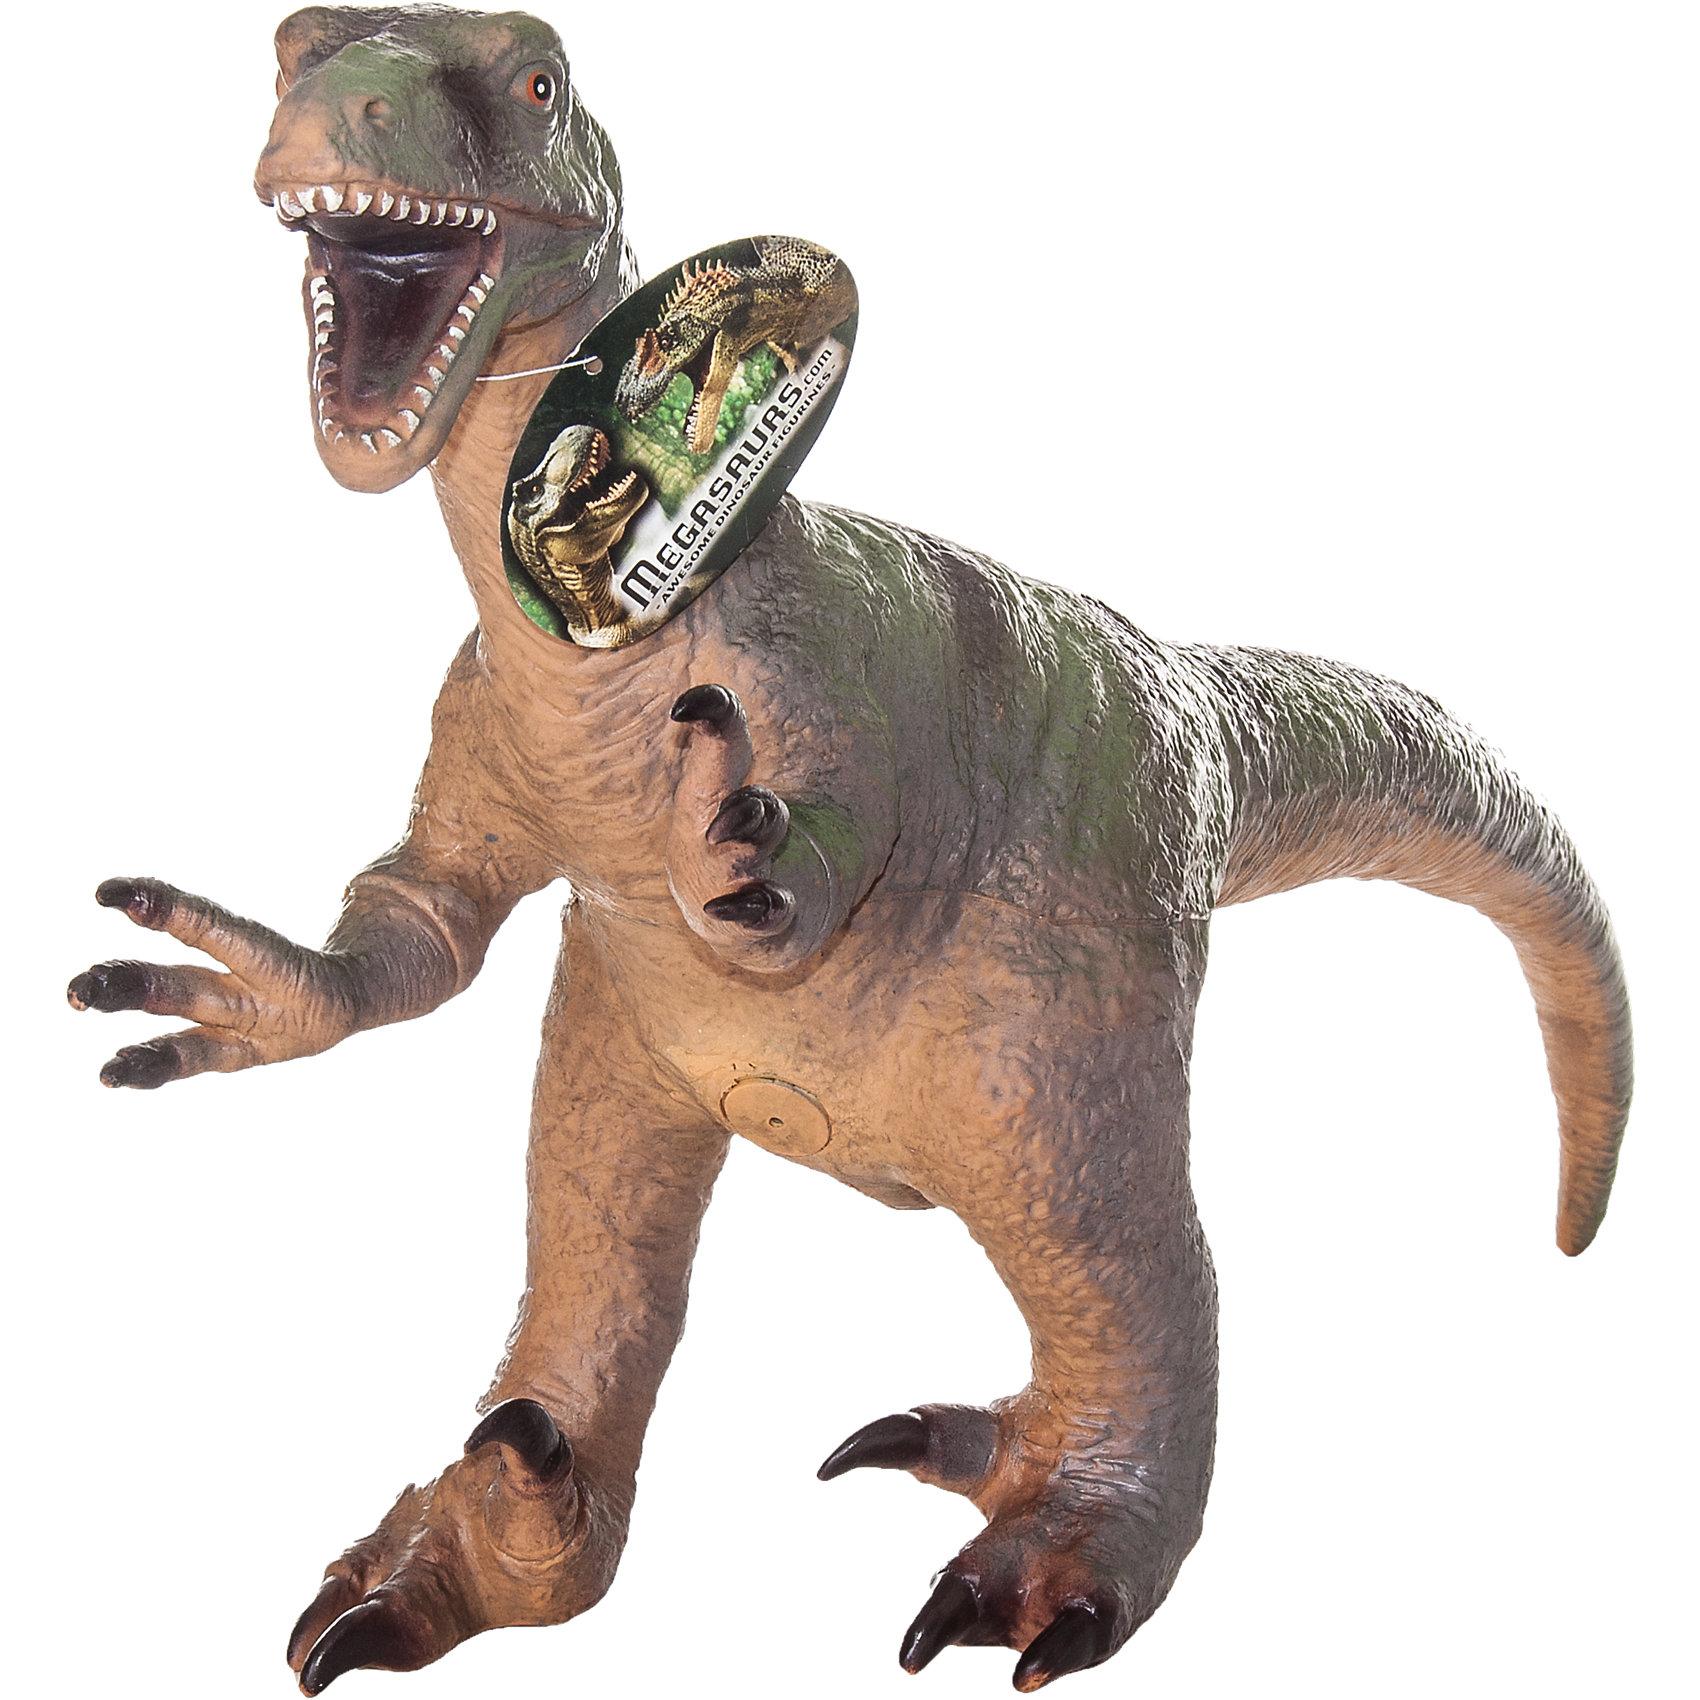 Фигурка динозавра Велоцираптор, HGLДинозавры и драконы<br>Детей всех возрастов привлекают фильмы и рассказы о доисторических временах и чудесных динозаврах, населявших Землю до возникновения человека. Подстегните фантазию юного любителя древностей - подарите ему динозавра из серии игрушек HGL. Специалисты компании создавали игрушки максимально похожими на своих прародителей, поэтому динозавры HGL такие интересные. Велоцираптор - фигурка небольшого доисторического ящера, обитавшего на Земле 70 миллионов лет тому назад. Это были животные достигавшие в длину 2 метров и передвигавшиеся на двух задних лапах. Велоцирапторы были частично покрыты перьями и несмотря на небольшой размер были очень опасны если собирались в стаи. Ни одна история об эре динозавров невозможна без этого необычного динозавра. Ребенок будет в восторге от такого замечательного подарка. Массивный динозавр сделан из мягкого ПВХ безопасного для ребенка. Внушительные размеры и отличная детализация Велоцираптора помогут ребенку окунуться в далекий и такой манящий доисторический мир, полный приключений.<br><br>Дополнительная информация:<br><br>- Внешний вид фигурки основан на реальных данных палеонтологов;<br>- Материал: ПВХ;<br>- Размер фигурки: 40 см;<br>- Размер упаковки: 47 х 32 х 15 см;<br>- Вес: 750 г<br><br>Фигурку динозавра Велоцираптор, HGL можно купить в нашем интернет-магазине.<br><br>Ширина мм: 470<br>Глубина мм: 320<br>Высота мм: 150<br>Вес г: 750<br>Возраст от месяцев: 36<br>Возраст до месяцев: 192<br>Пол: Унисекс<br>Возраст: Детский<br>SKU: 4135947